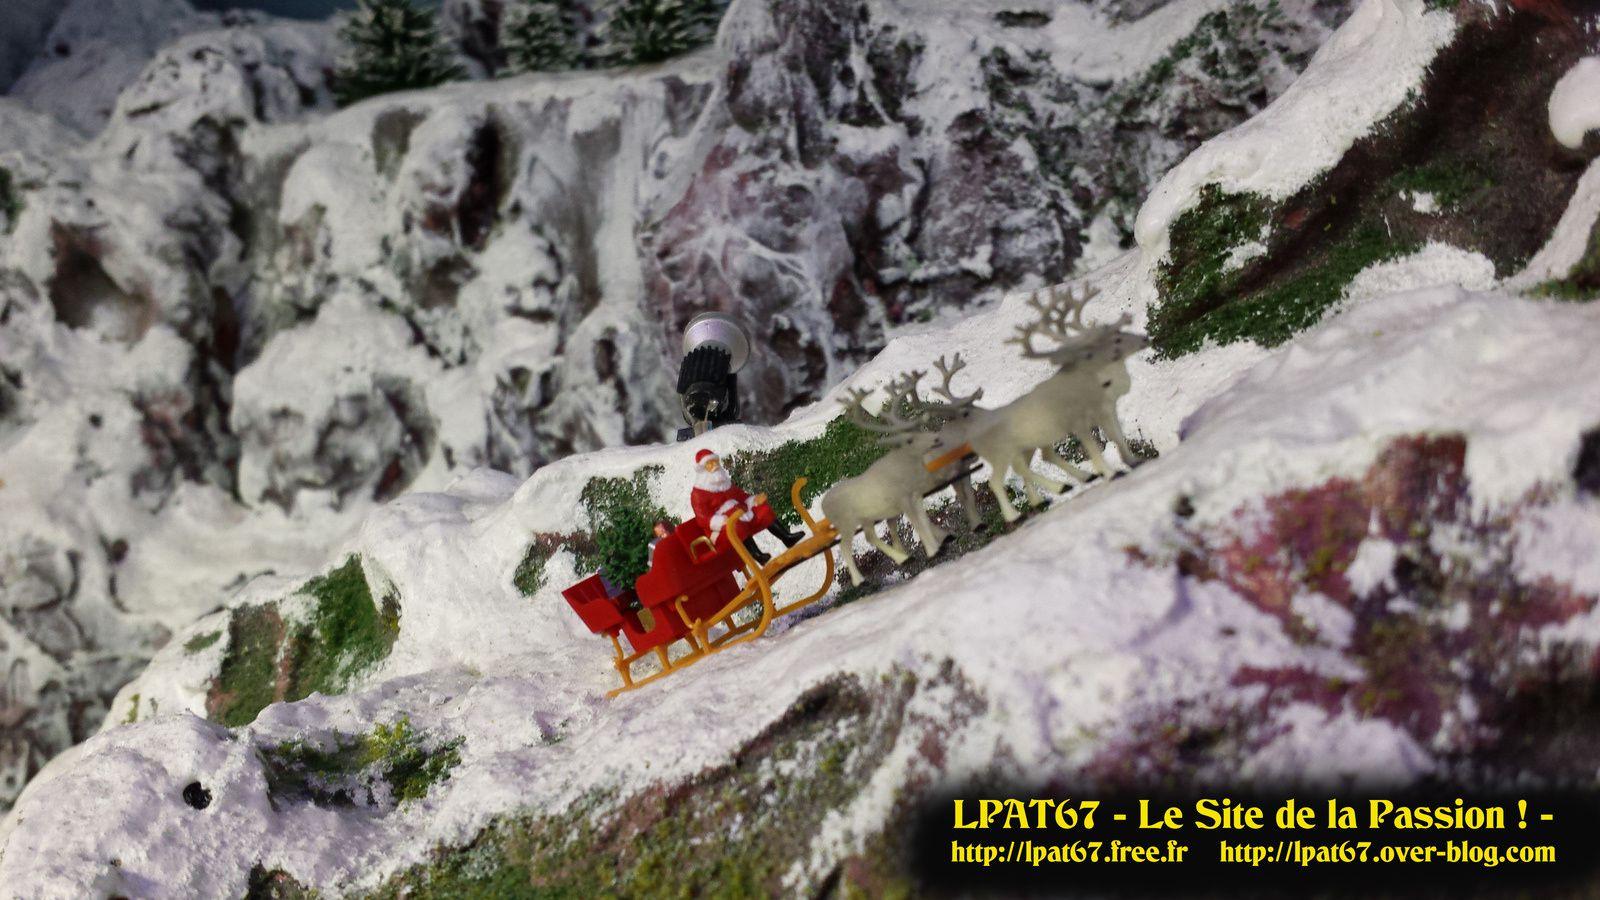 Noël approche !!!!